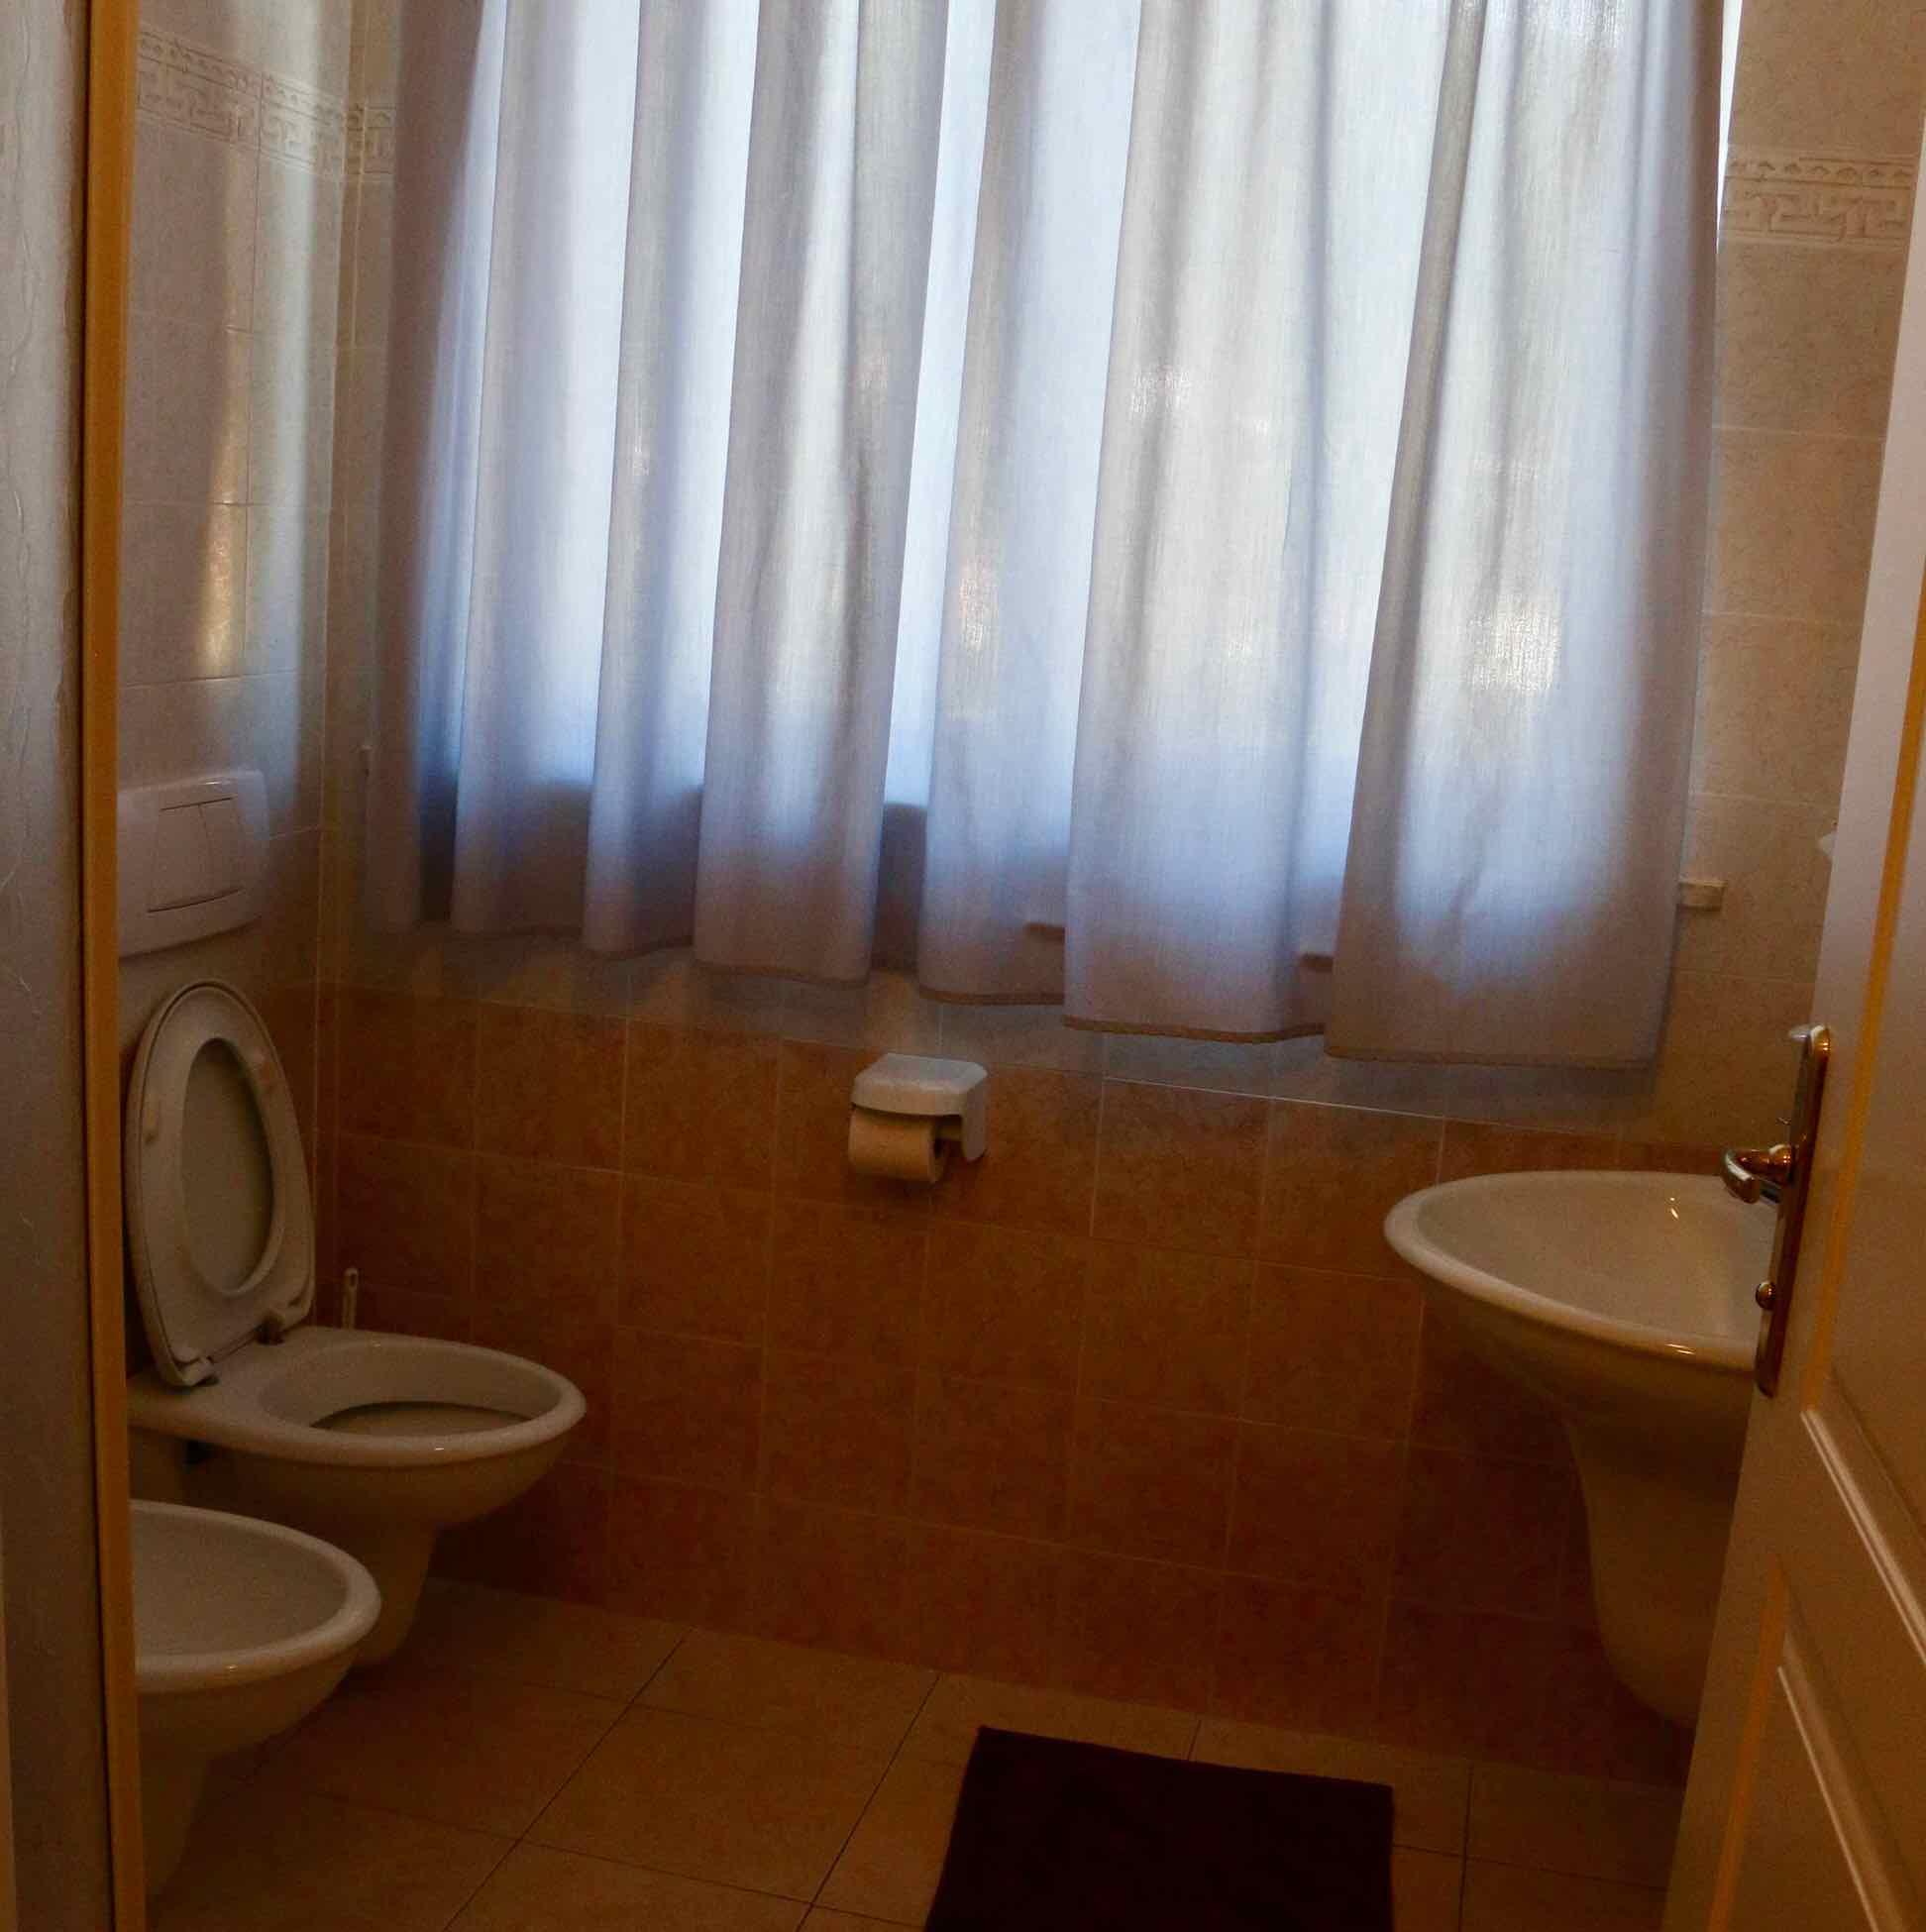 Casa per Ferie Villaggio Ospitale - Centro San Salvatore Villaggio del Ragazzo - 2